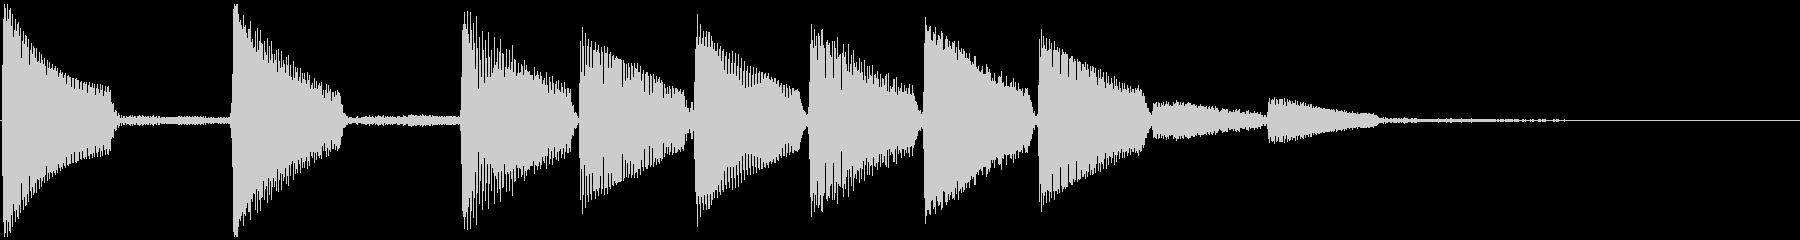 通知音・着信音風ジングル2(ループ)の未再生の波形